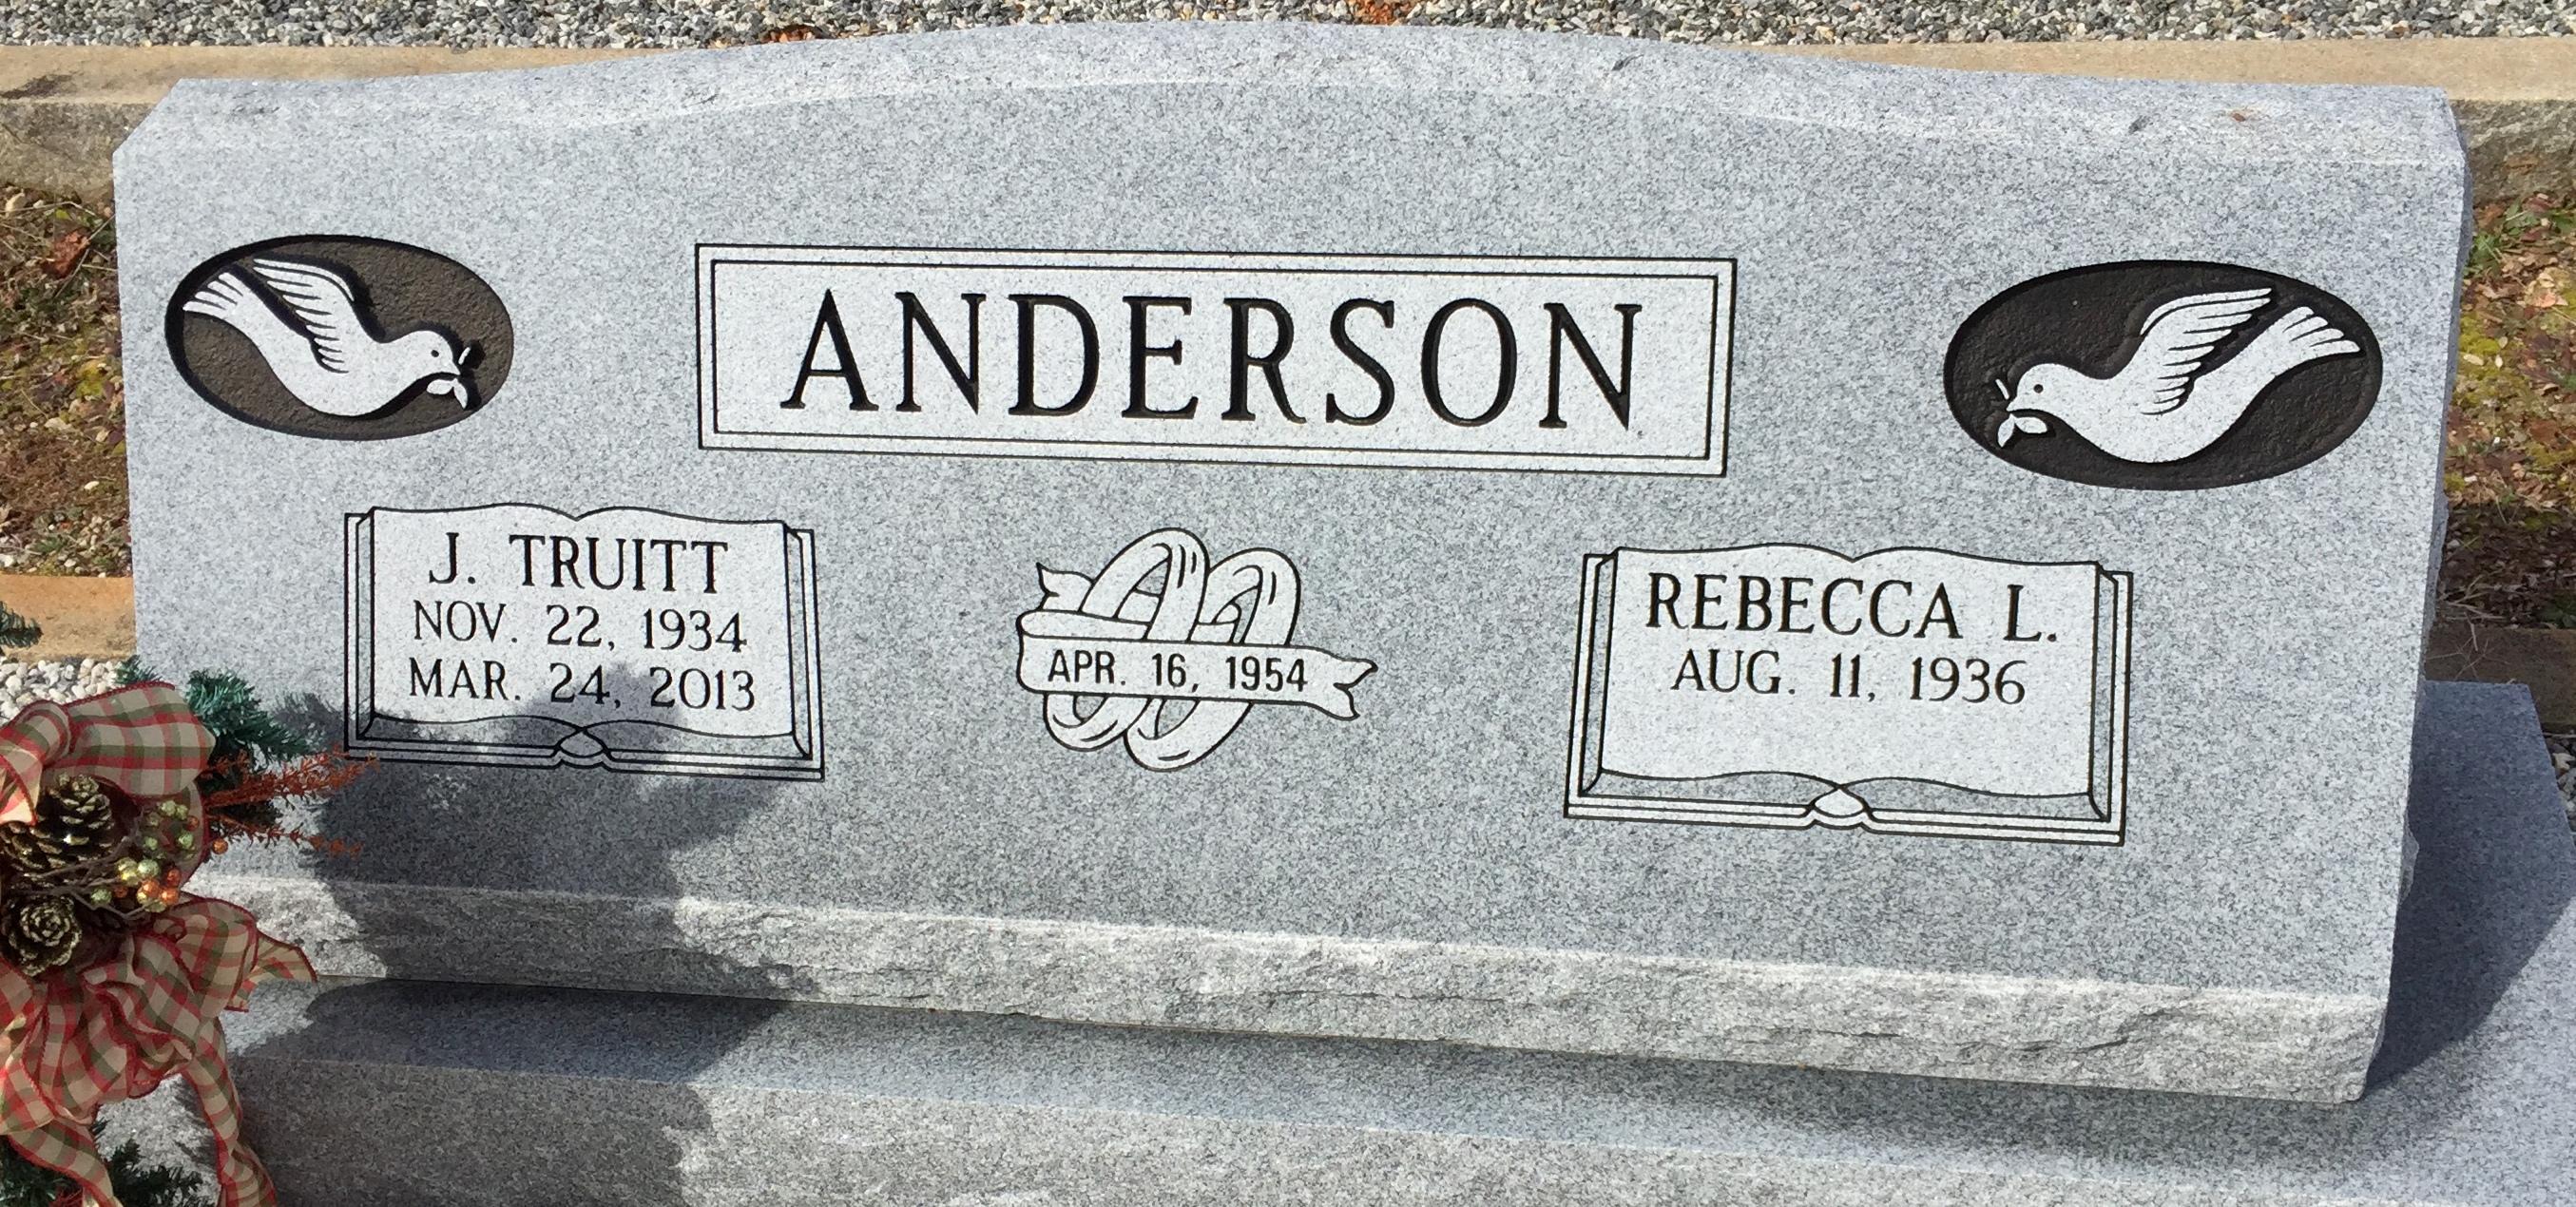 J. Truitt Anderson